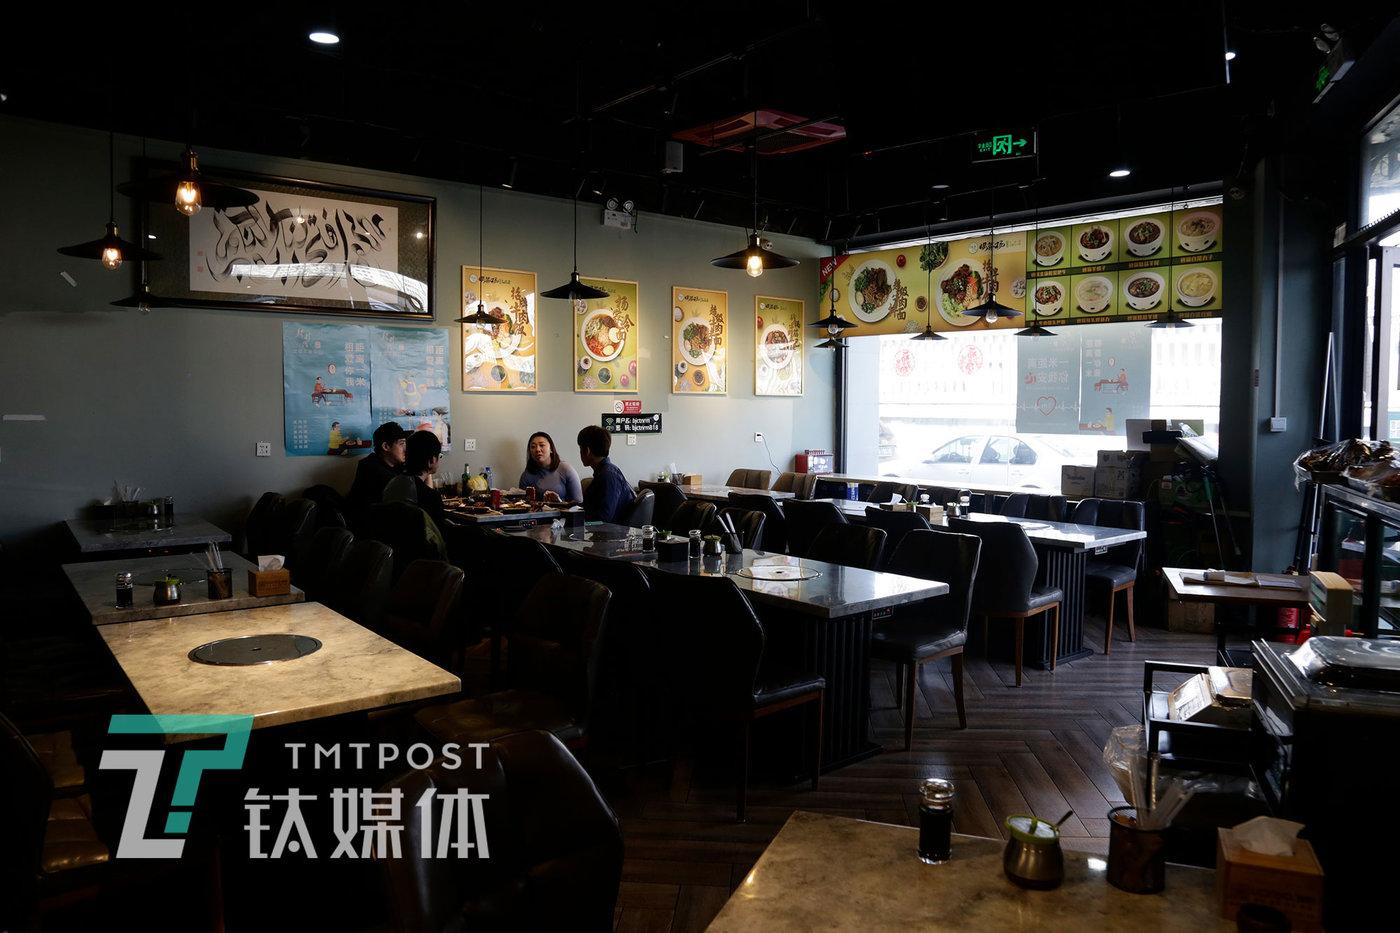 4月4日15:18,北京,杨洋火锅店内在堂食的顾客。